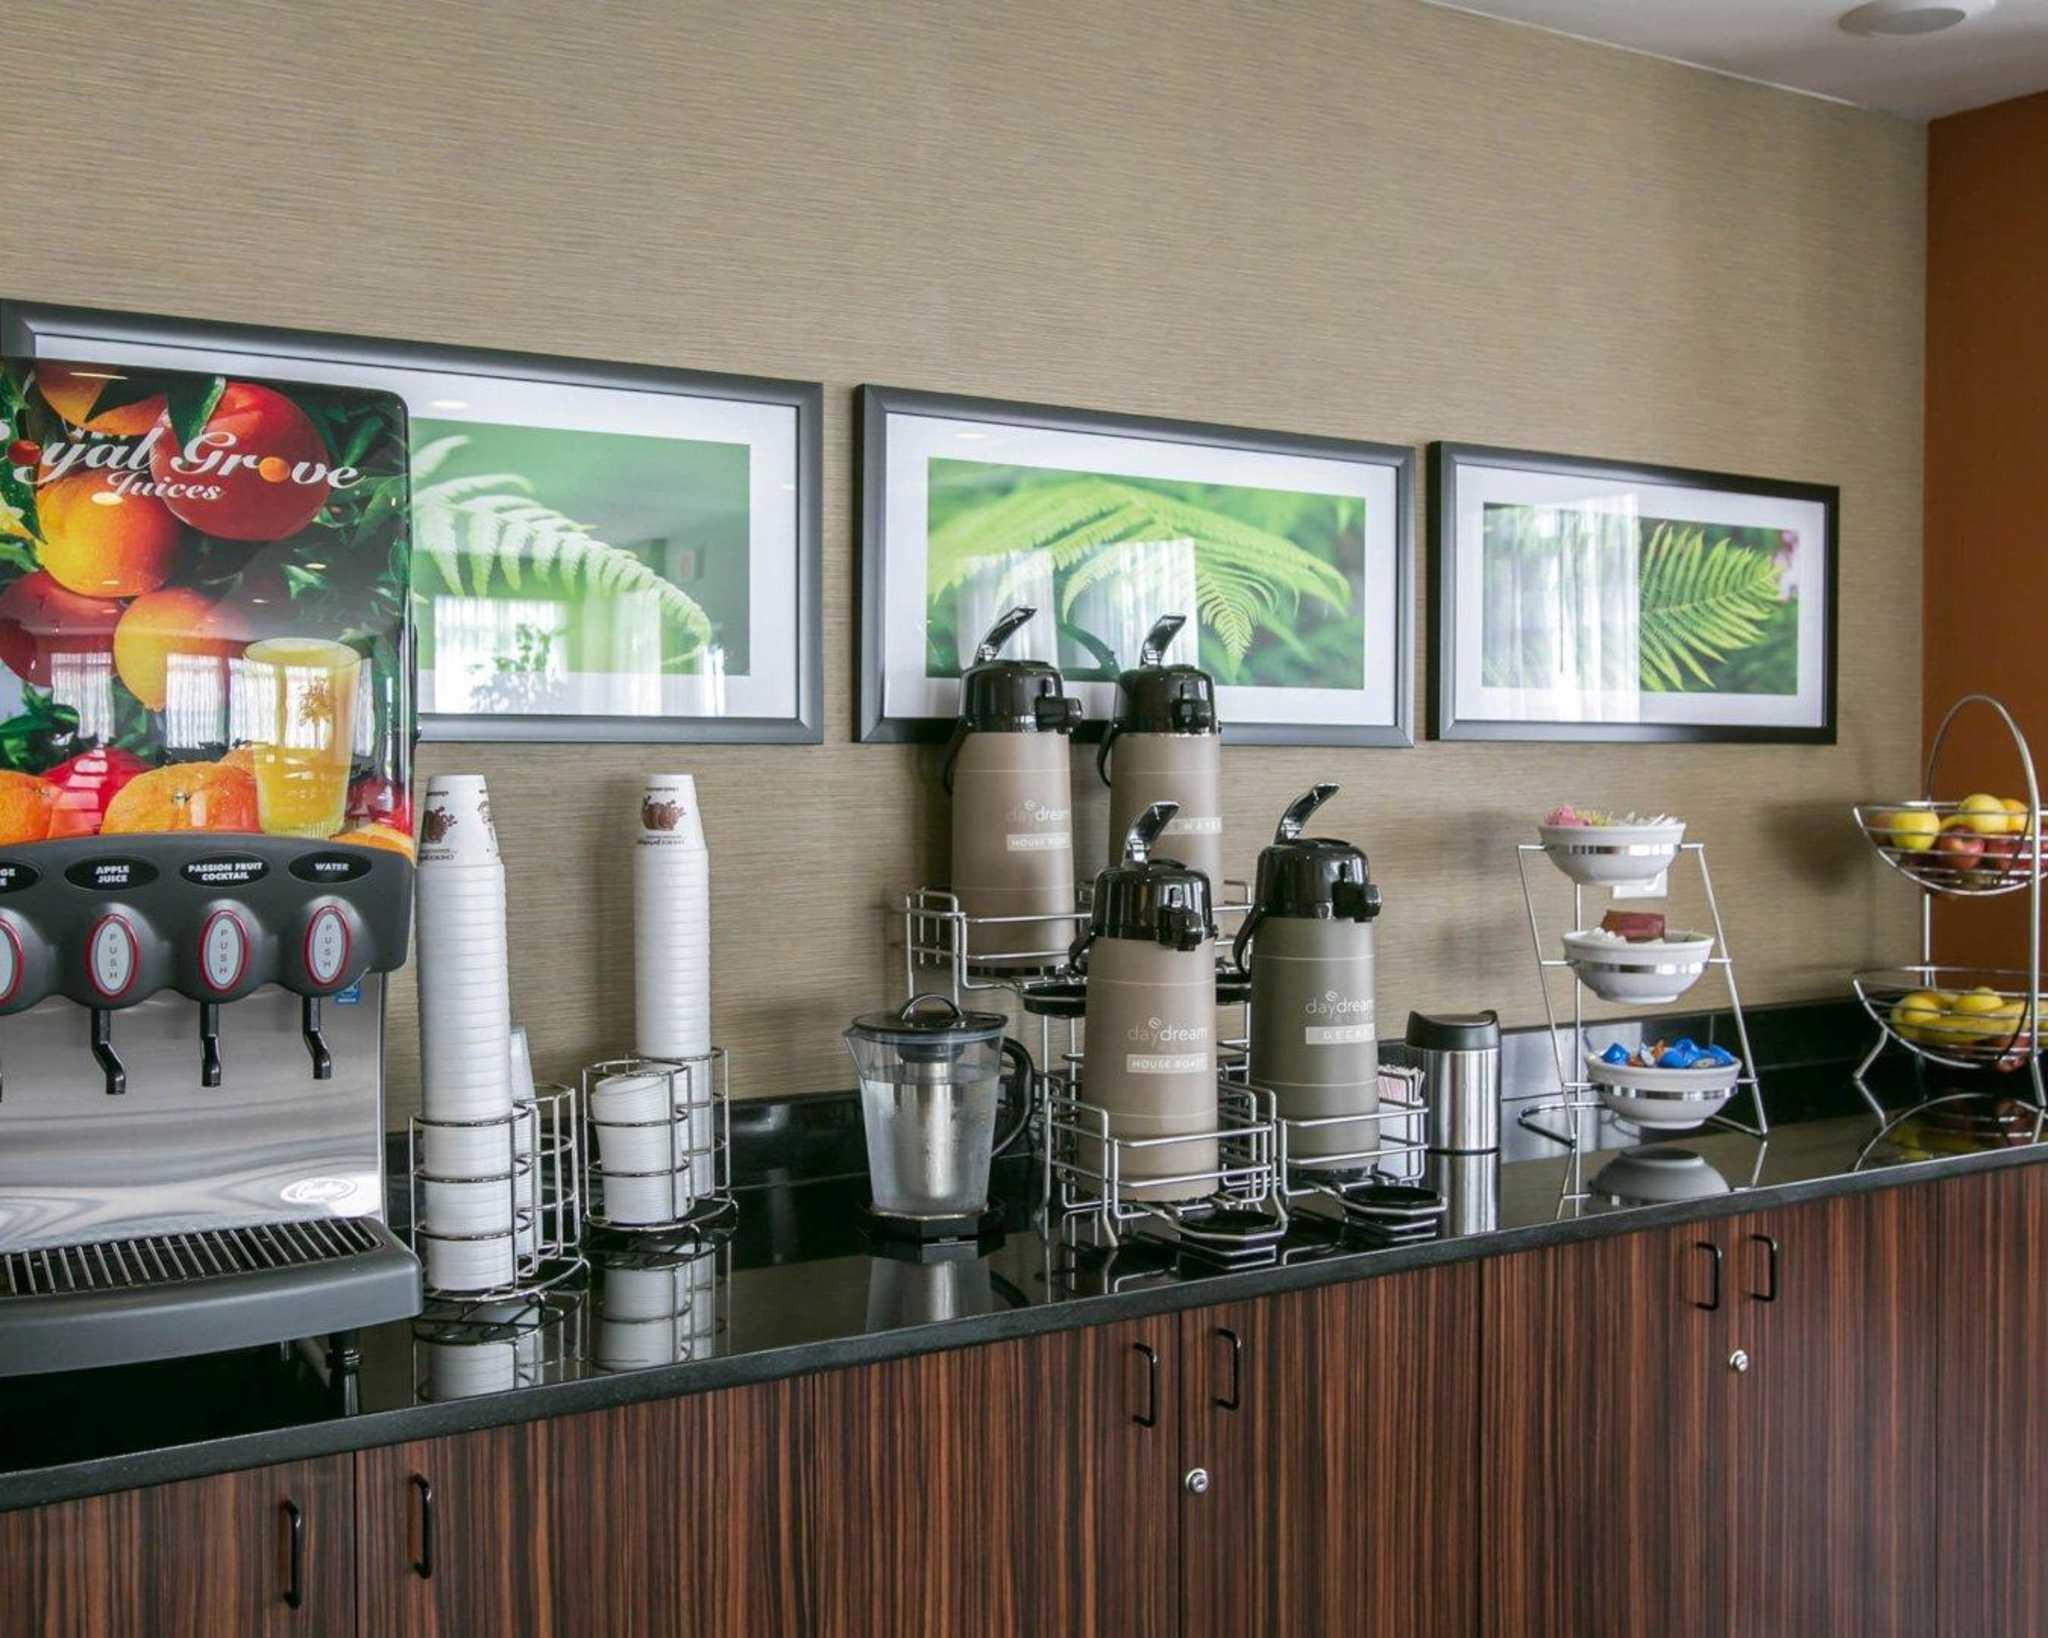 Sleep Inn & Suites Austin - Northeast image 15